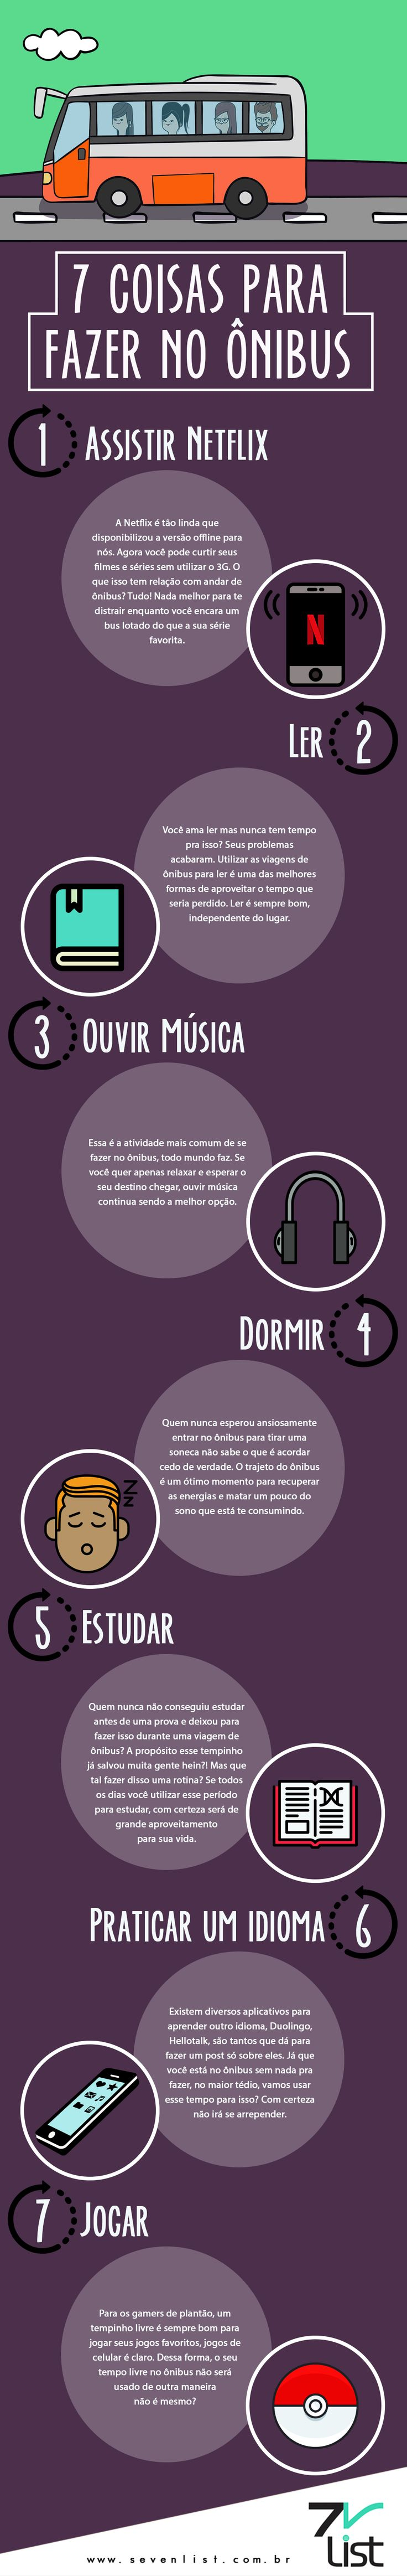 7 coisas para fazer no ônibus